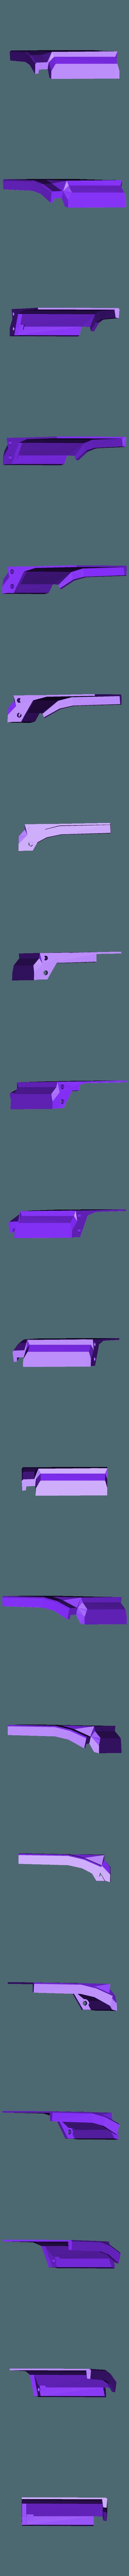 bavette_av_D_.stl Télécharger fichier STL gratuit rc truck 1/14 FH body • Objet à imprimer en 3D, r083726